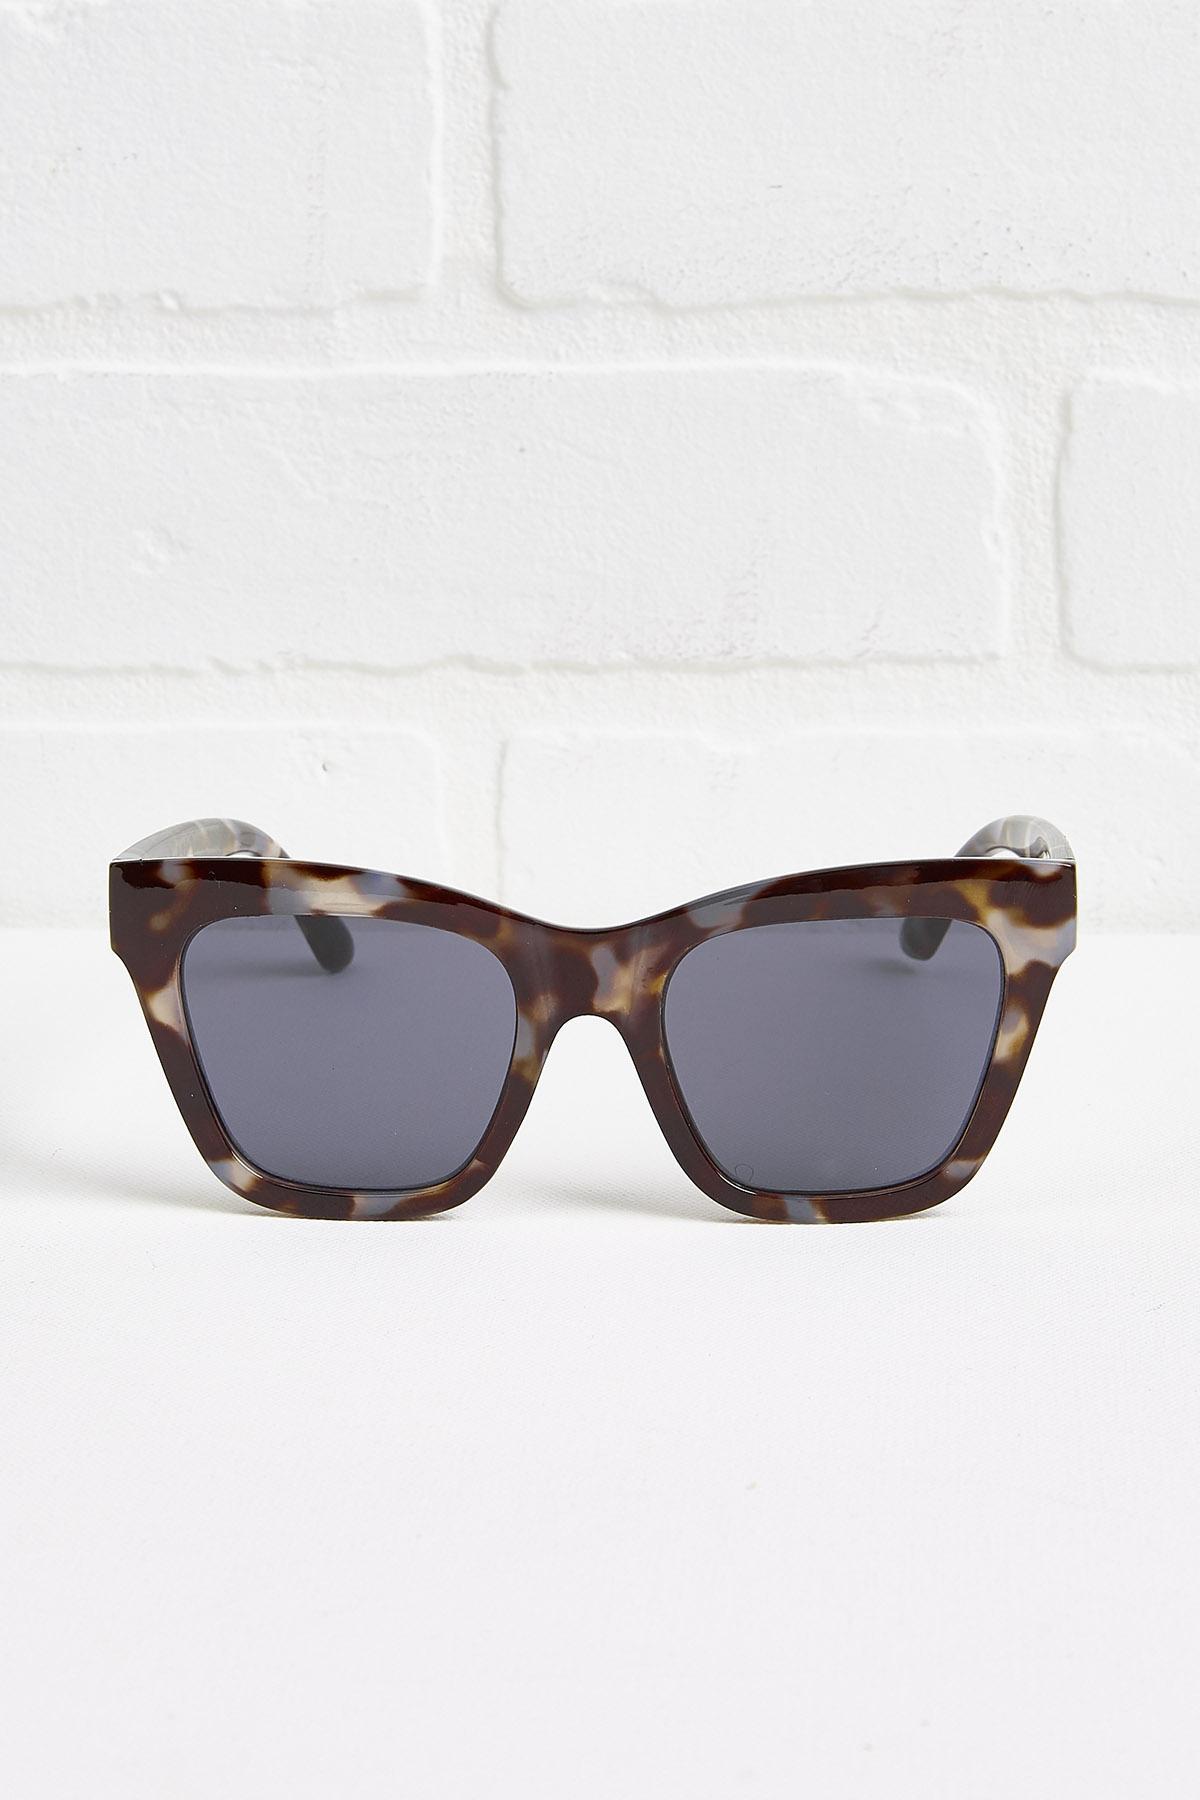 Starry Night Sunglasses